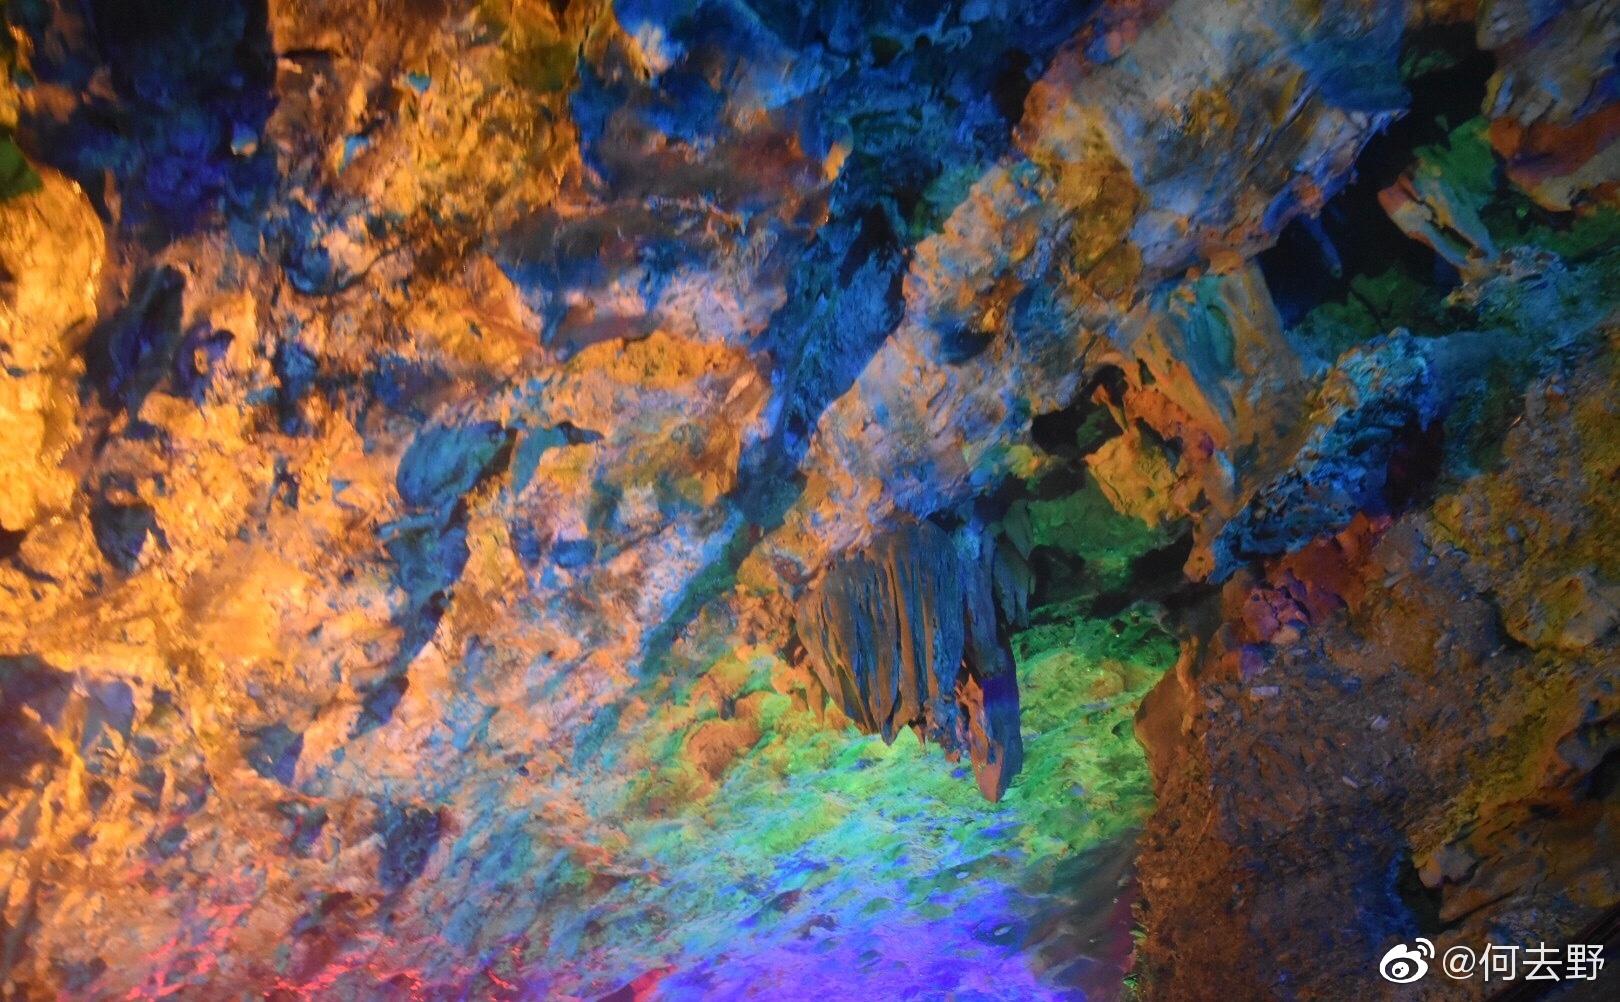 江西有个龙宫洞,距今2亿6000万年,鬼斧神工。洞内小桥流水